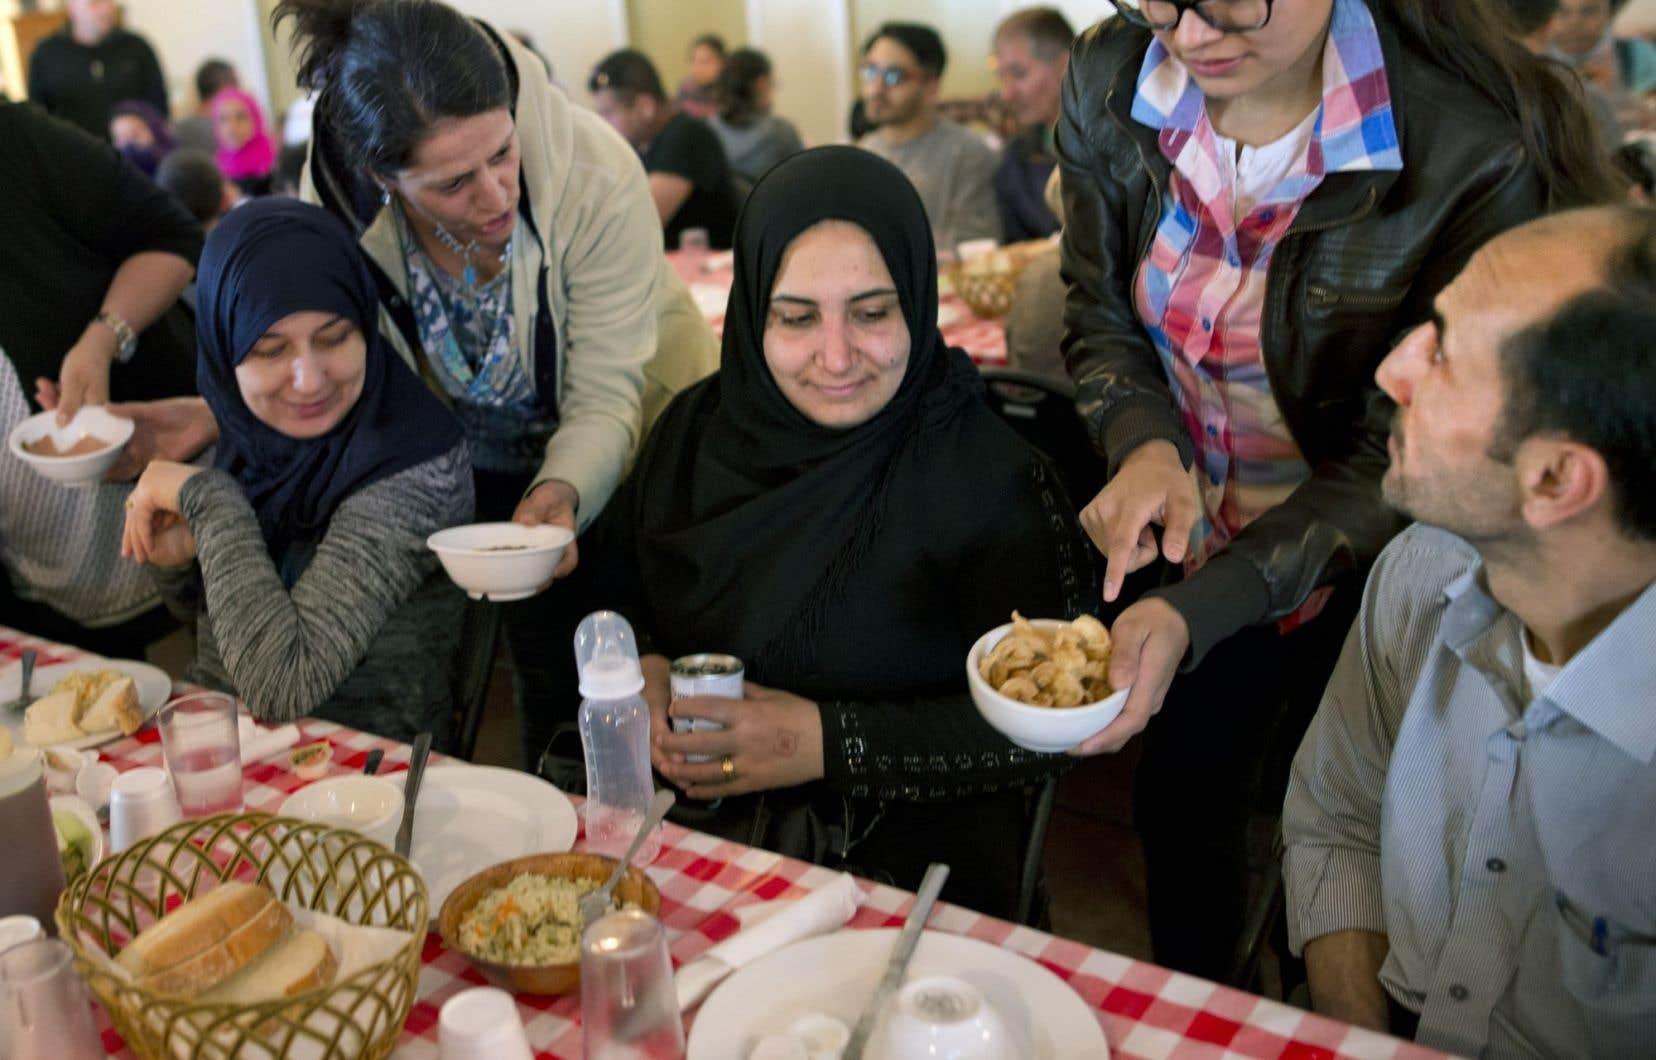 Un groupe de réfugiés syriens a été initié à la cabane à sucre… sans les oreilles de Christ, bien entendu.